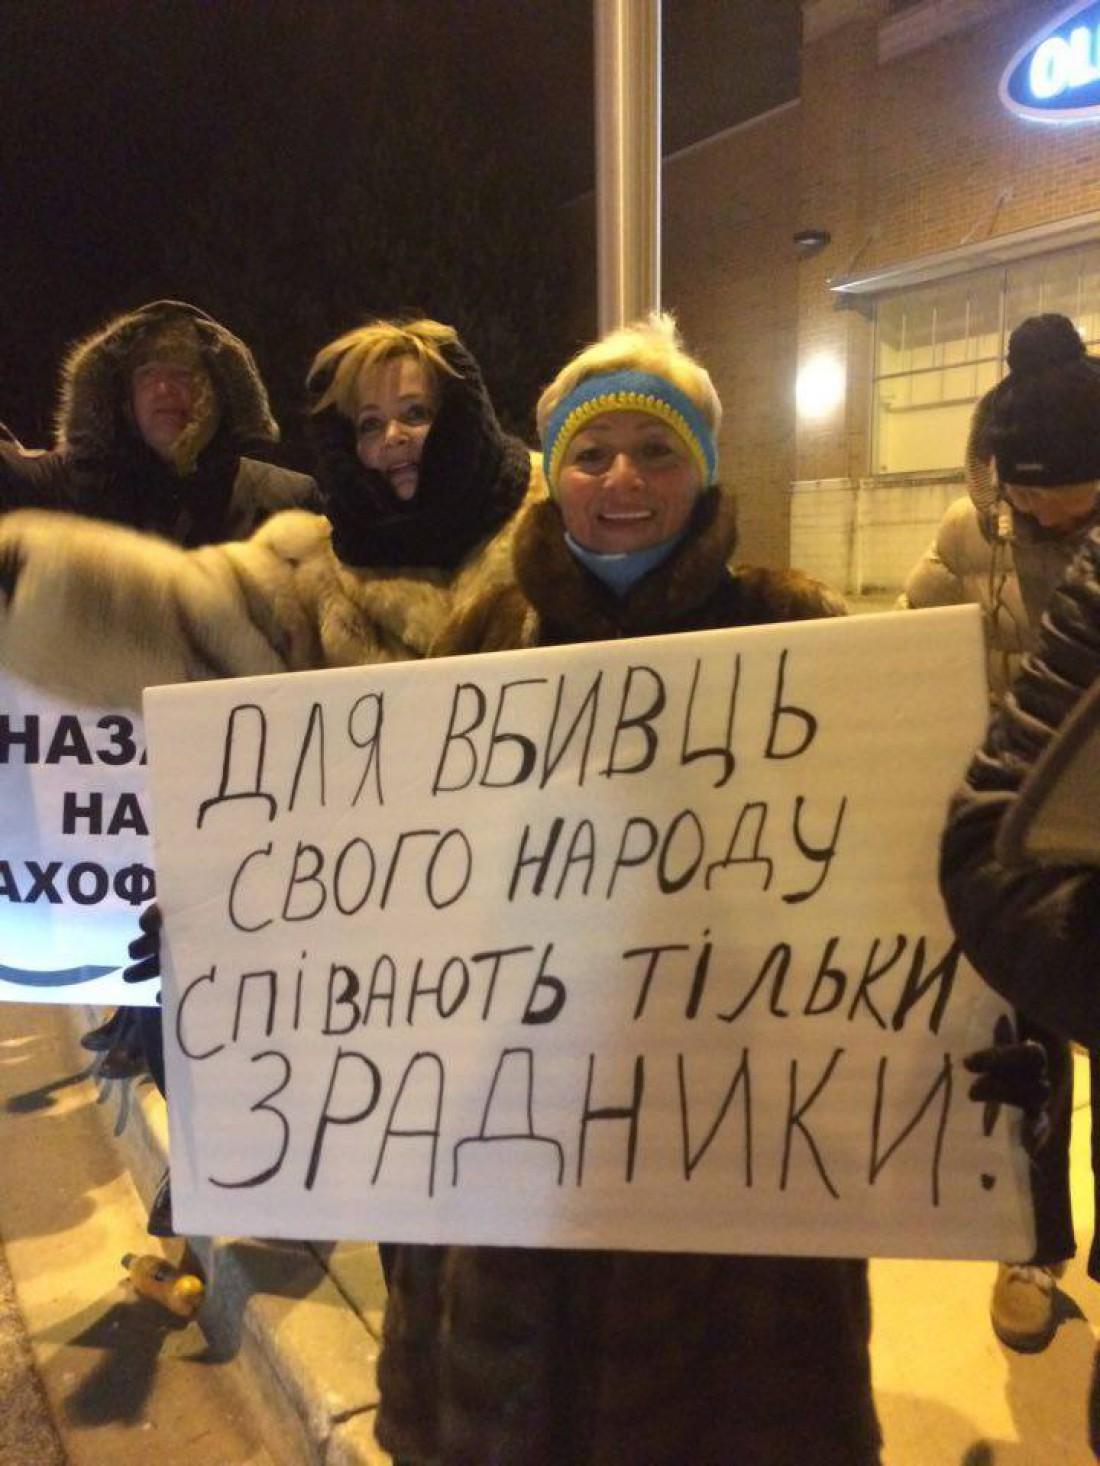 Украинцы в Чикаго пикетировали концерт Ани Лорак